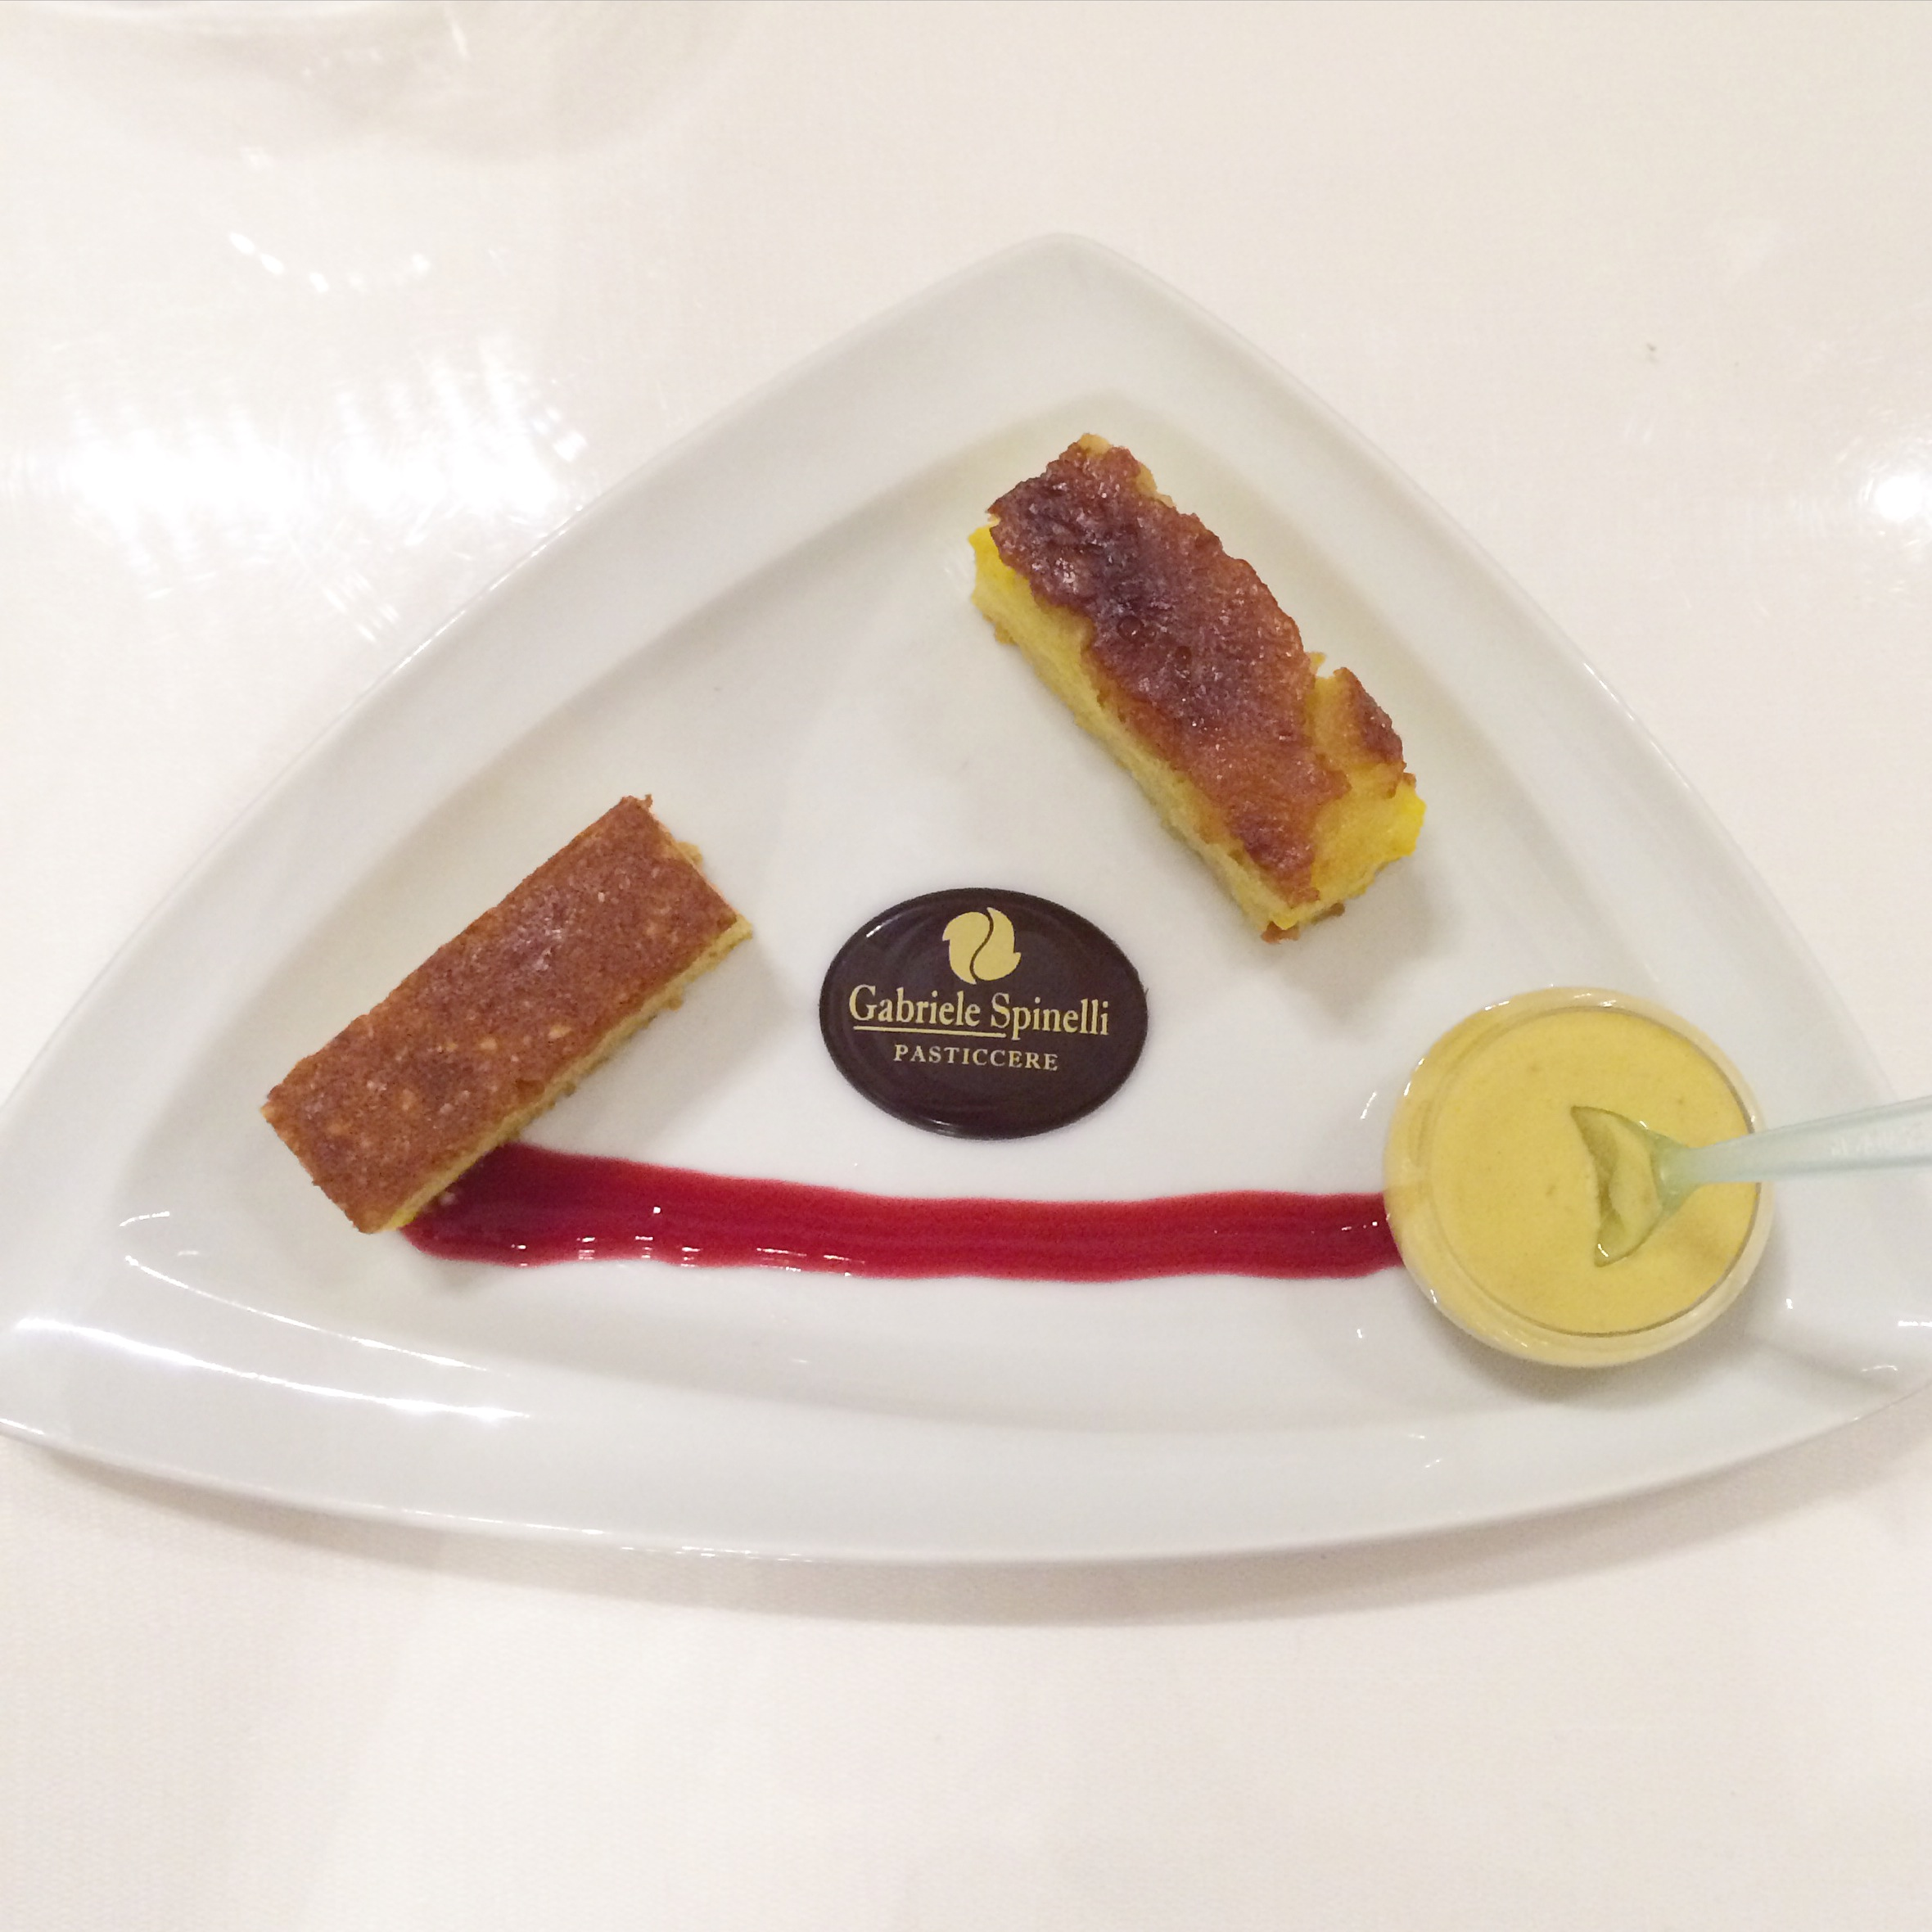 Tre varianti della torta di riso – Gino Fabbri e Gabriele Spinelli